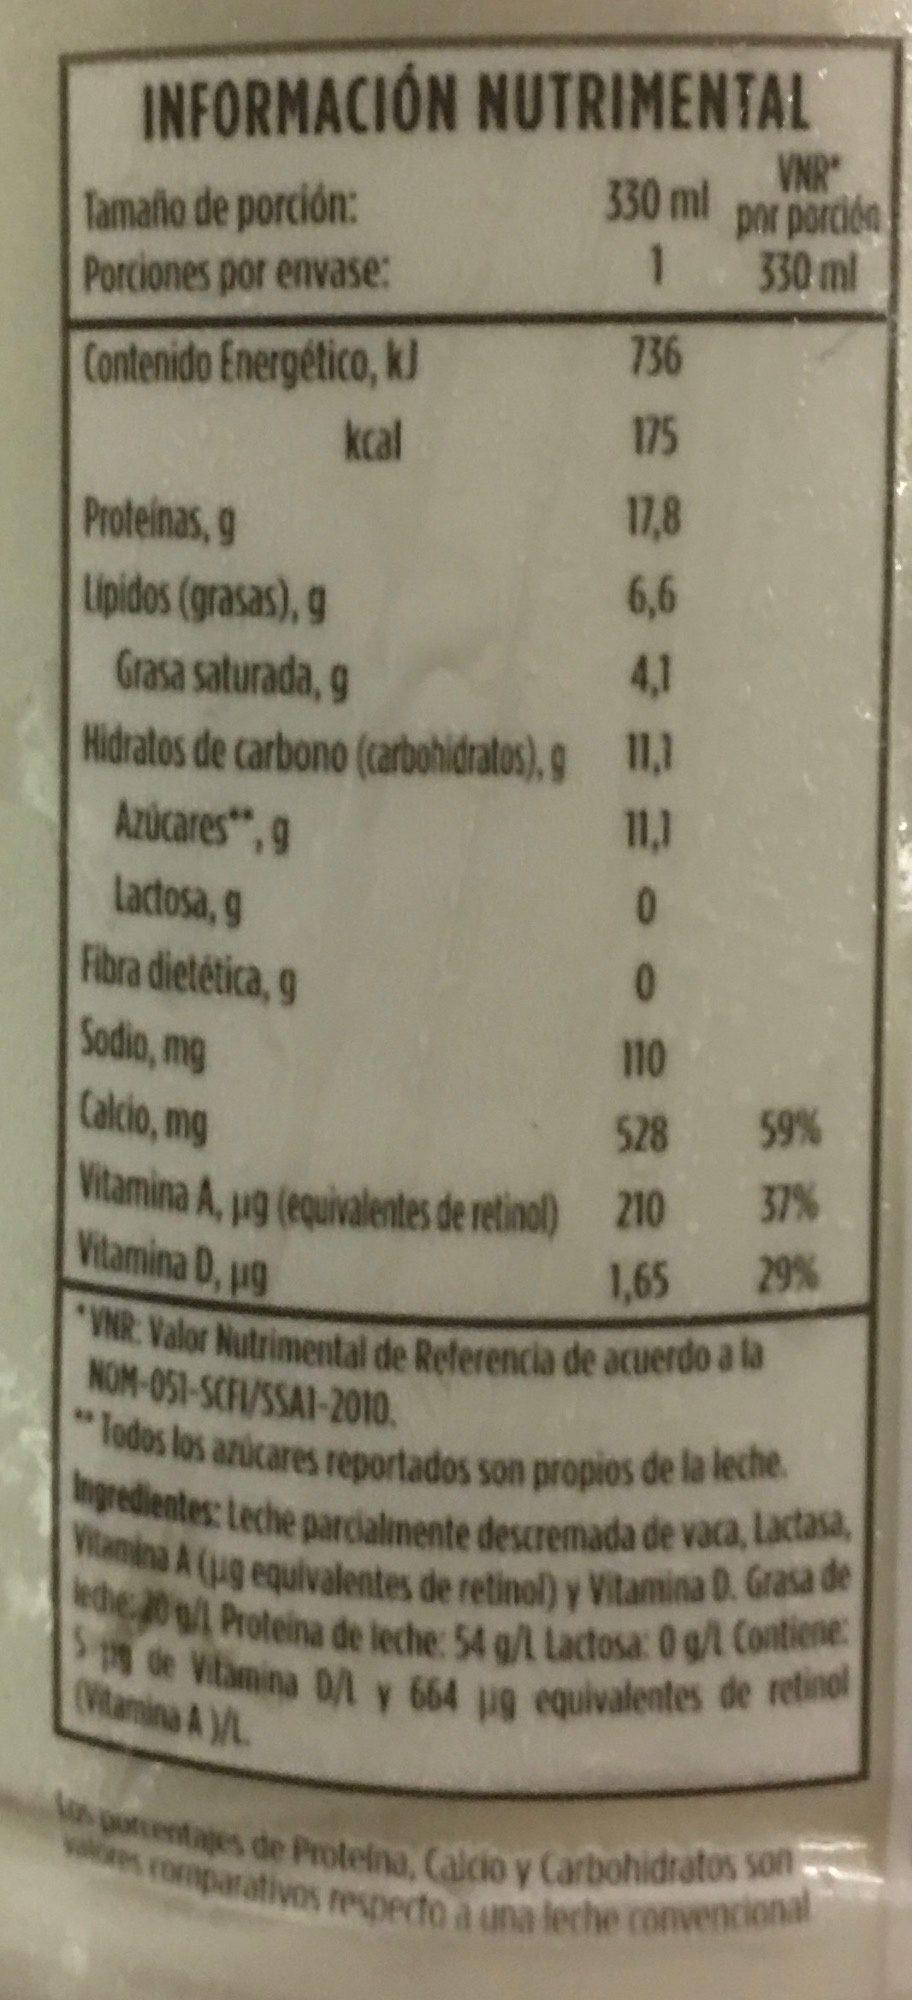 Leche Lala 100 sin lactosa parcialmente descremada - Información nutricional - es